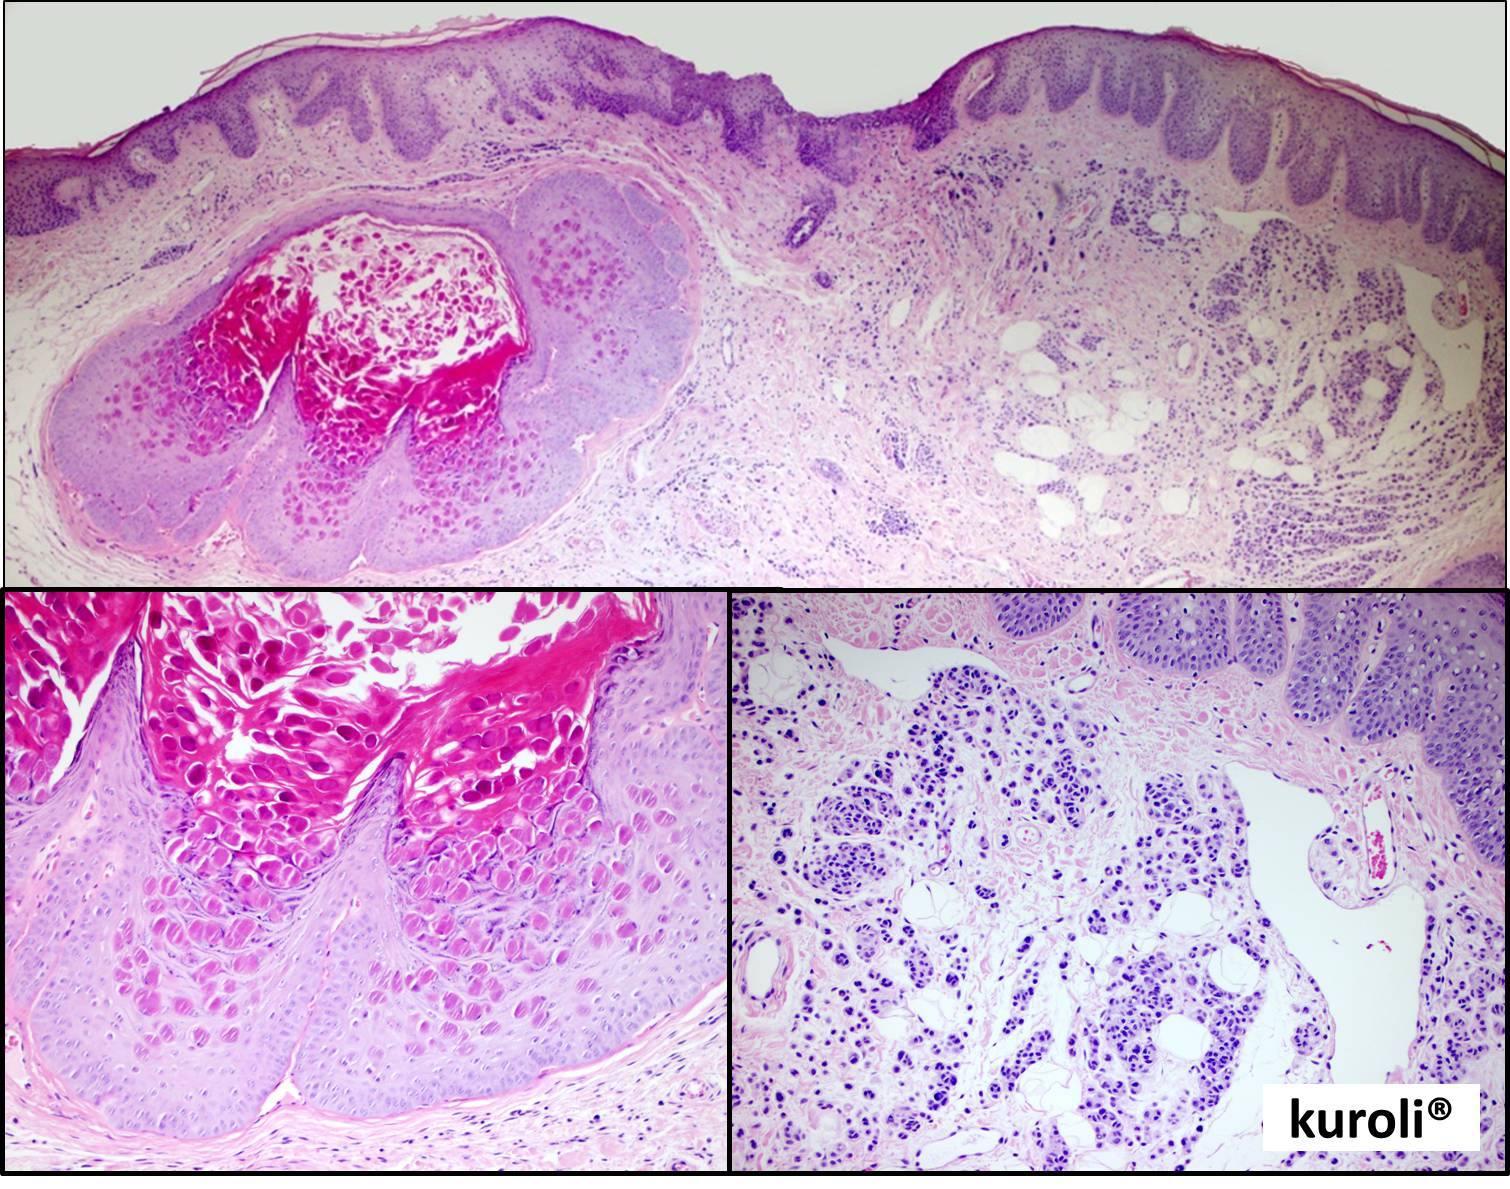 szabálytalan papillomatosis acanthosis kerekférgek az emberek kezelésében